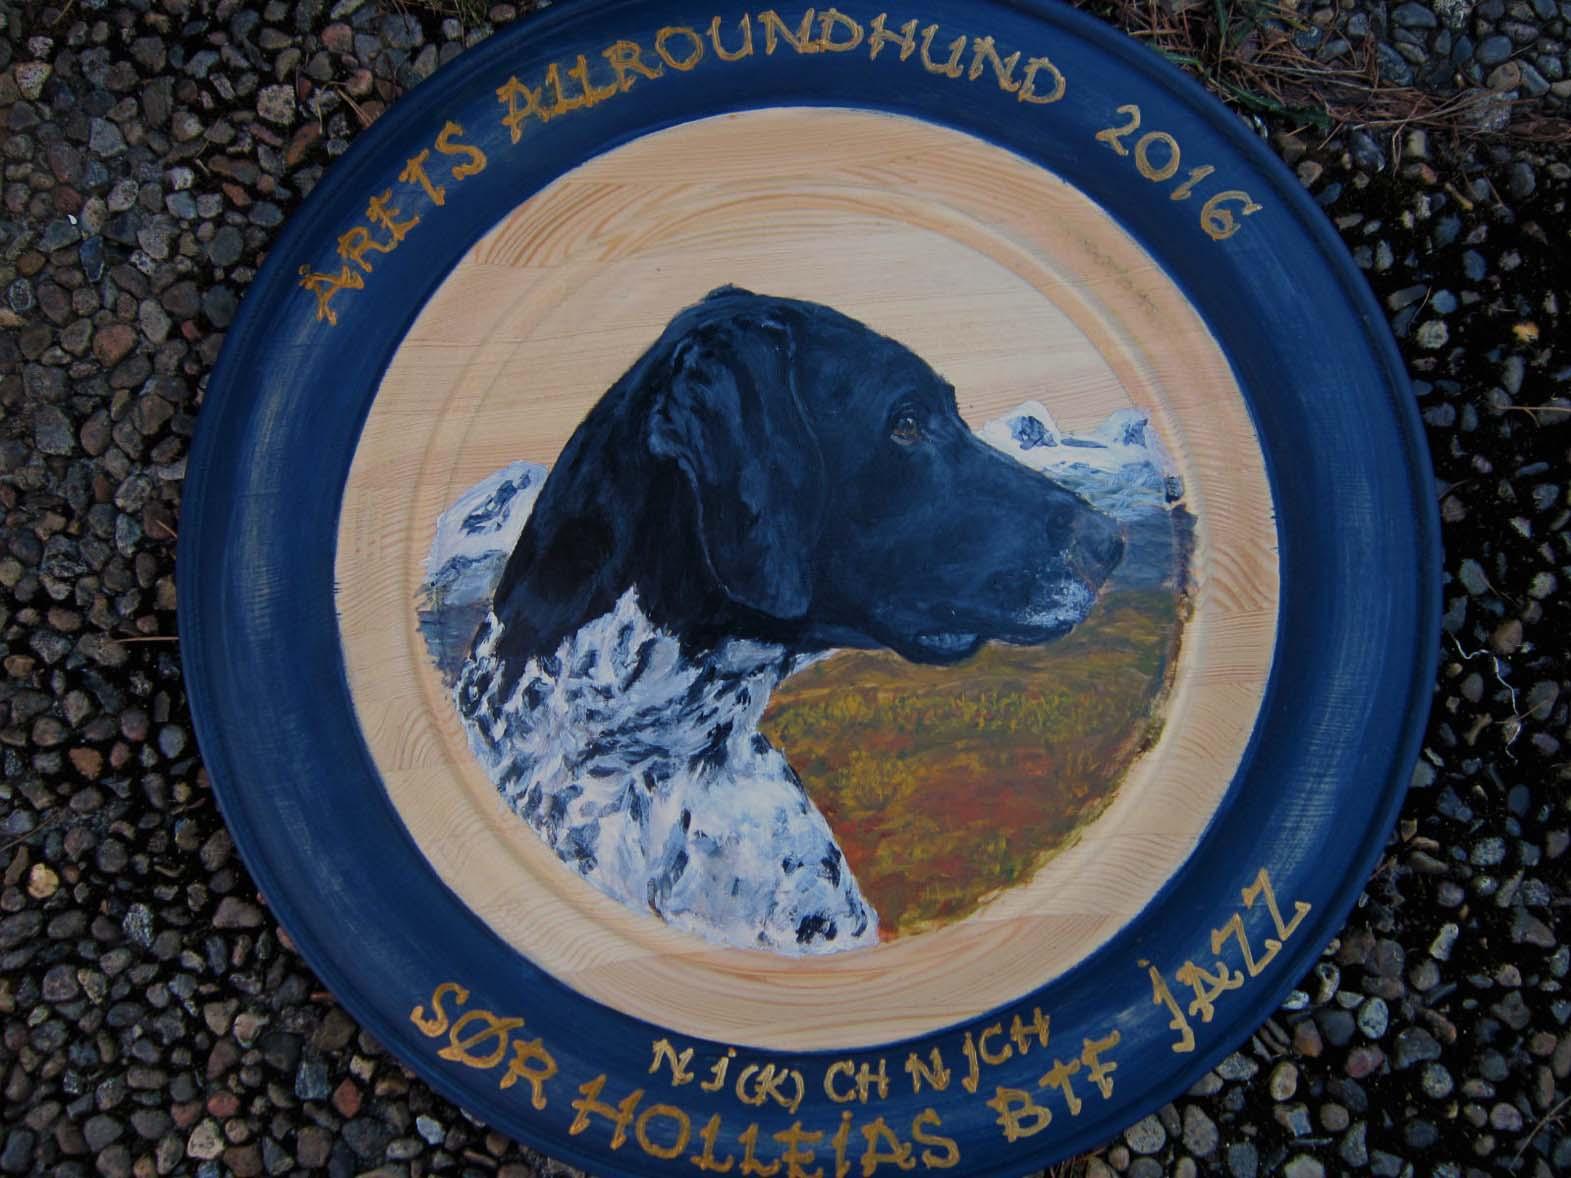 Håndmalt fat til Årets Allroundhund 2016: Sør Holleias Jazz